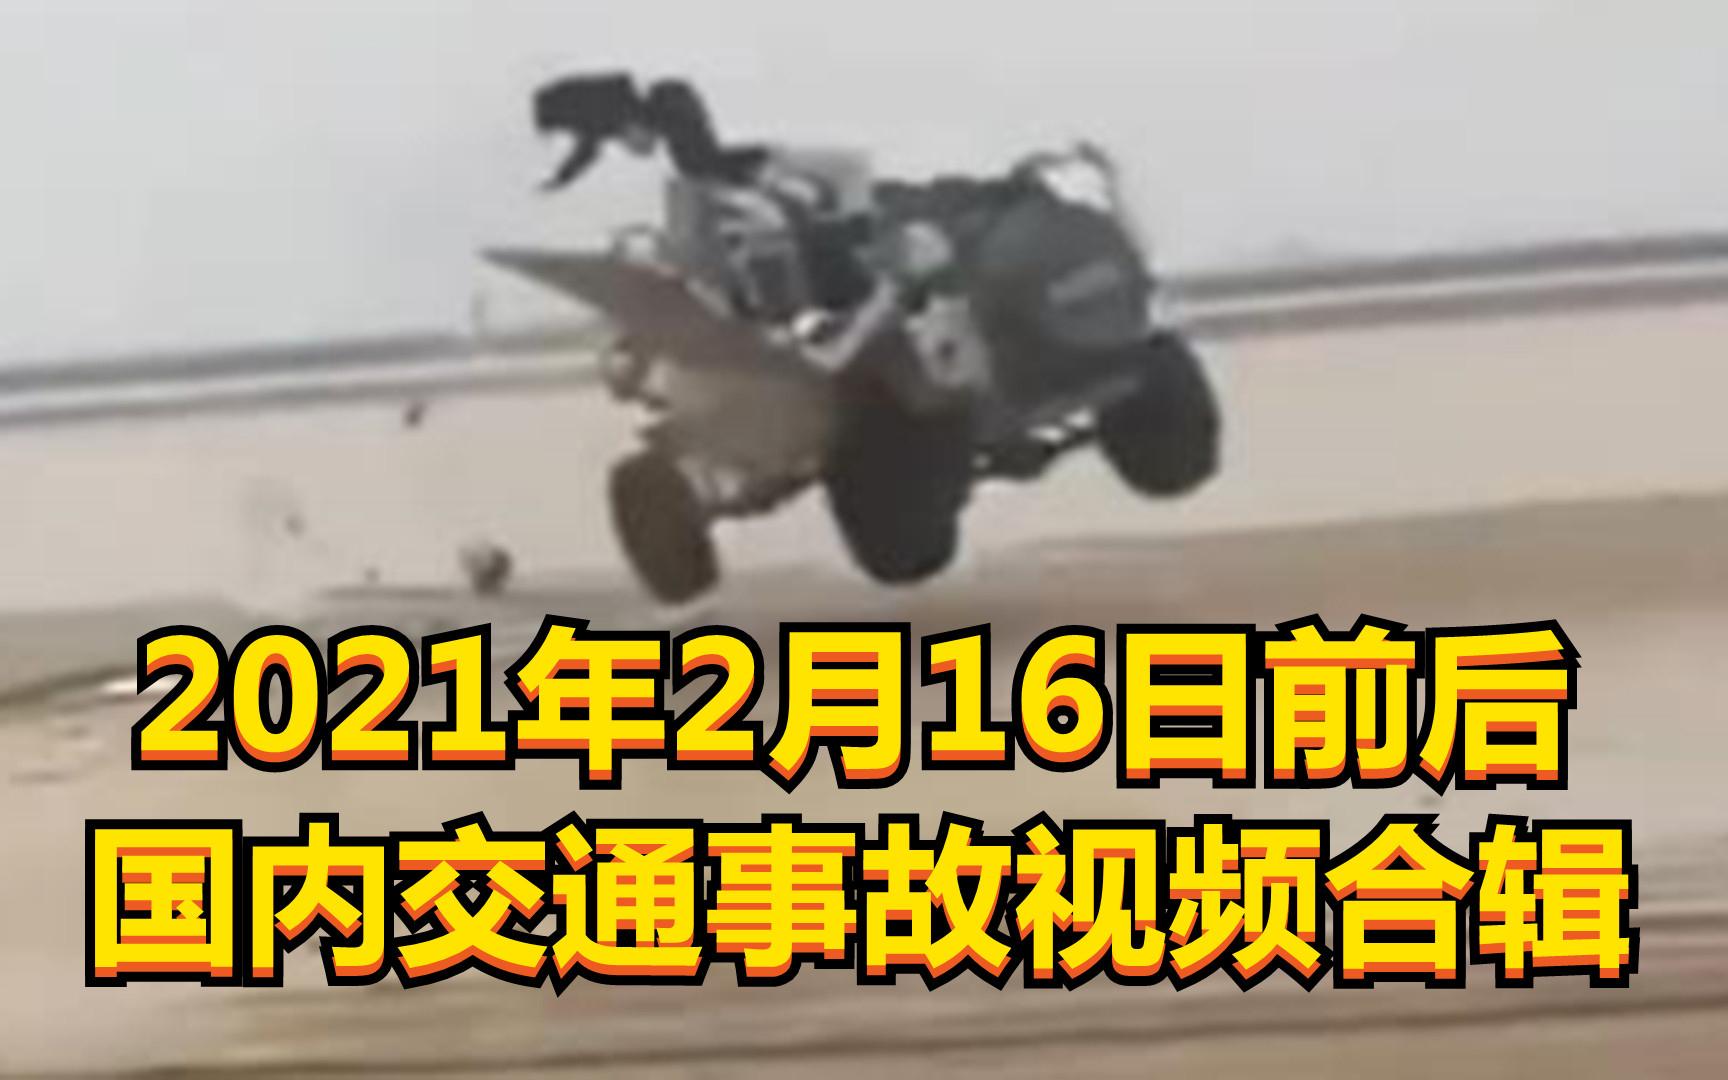 2021年2月16日前后国内交通事故视频合辑